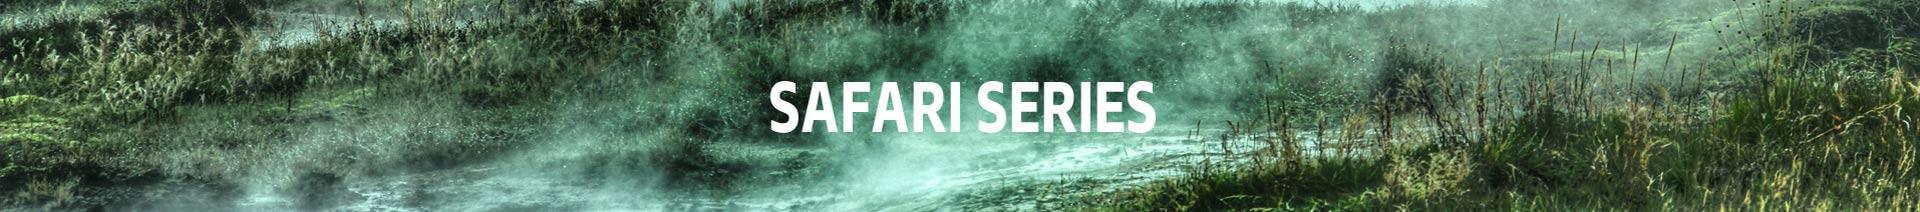 safari_banner_1